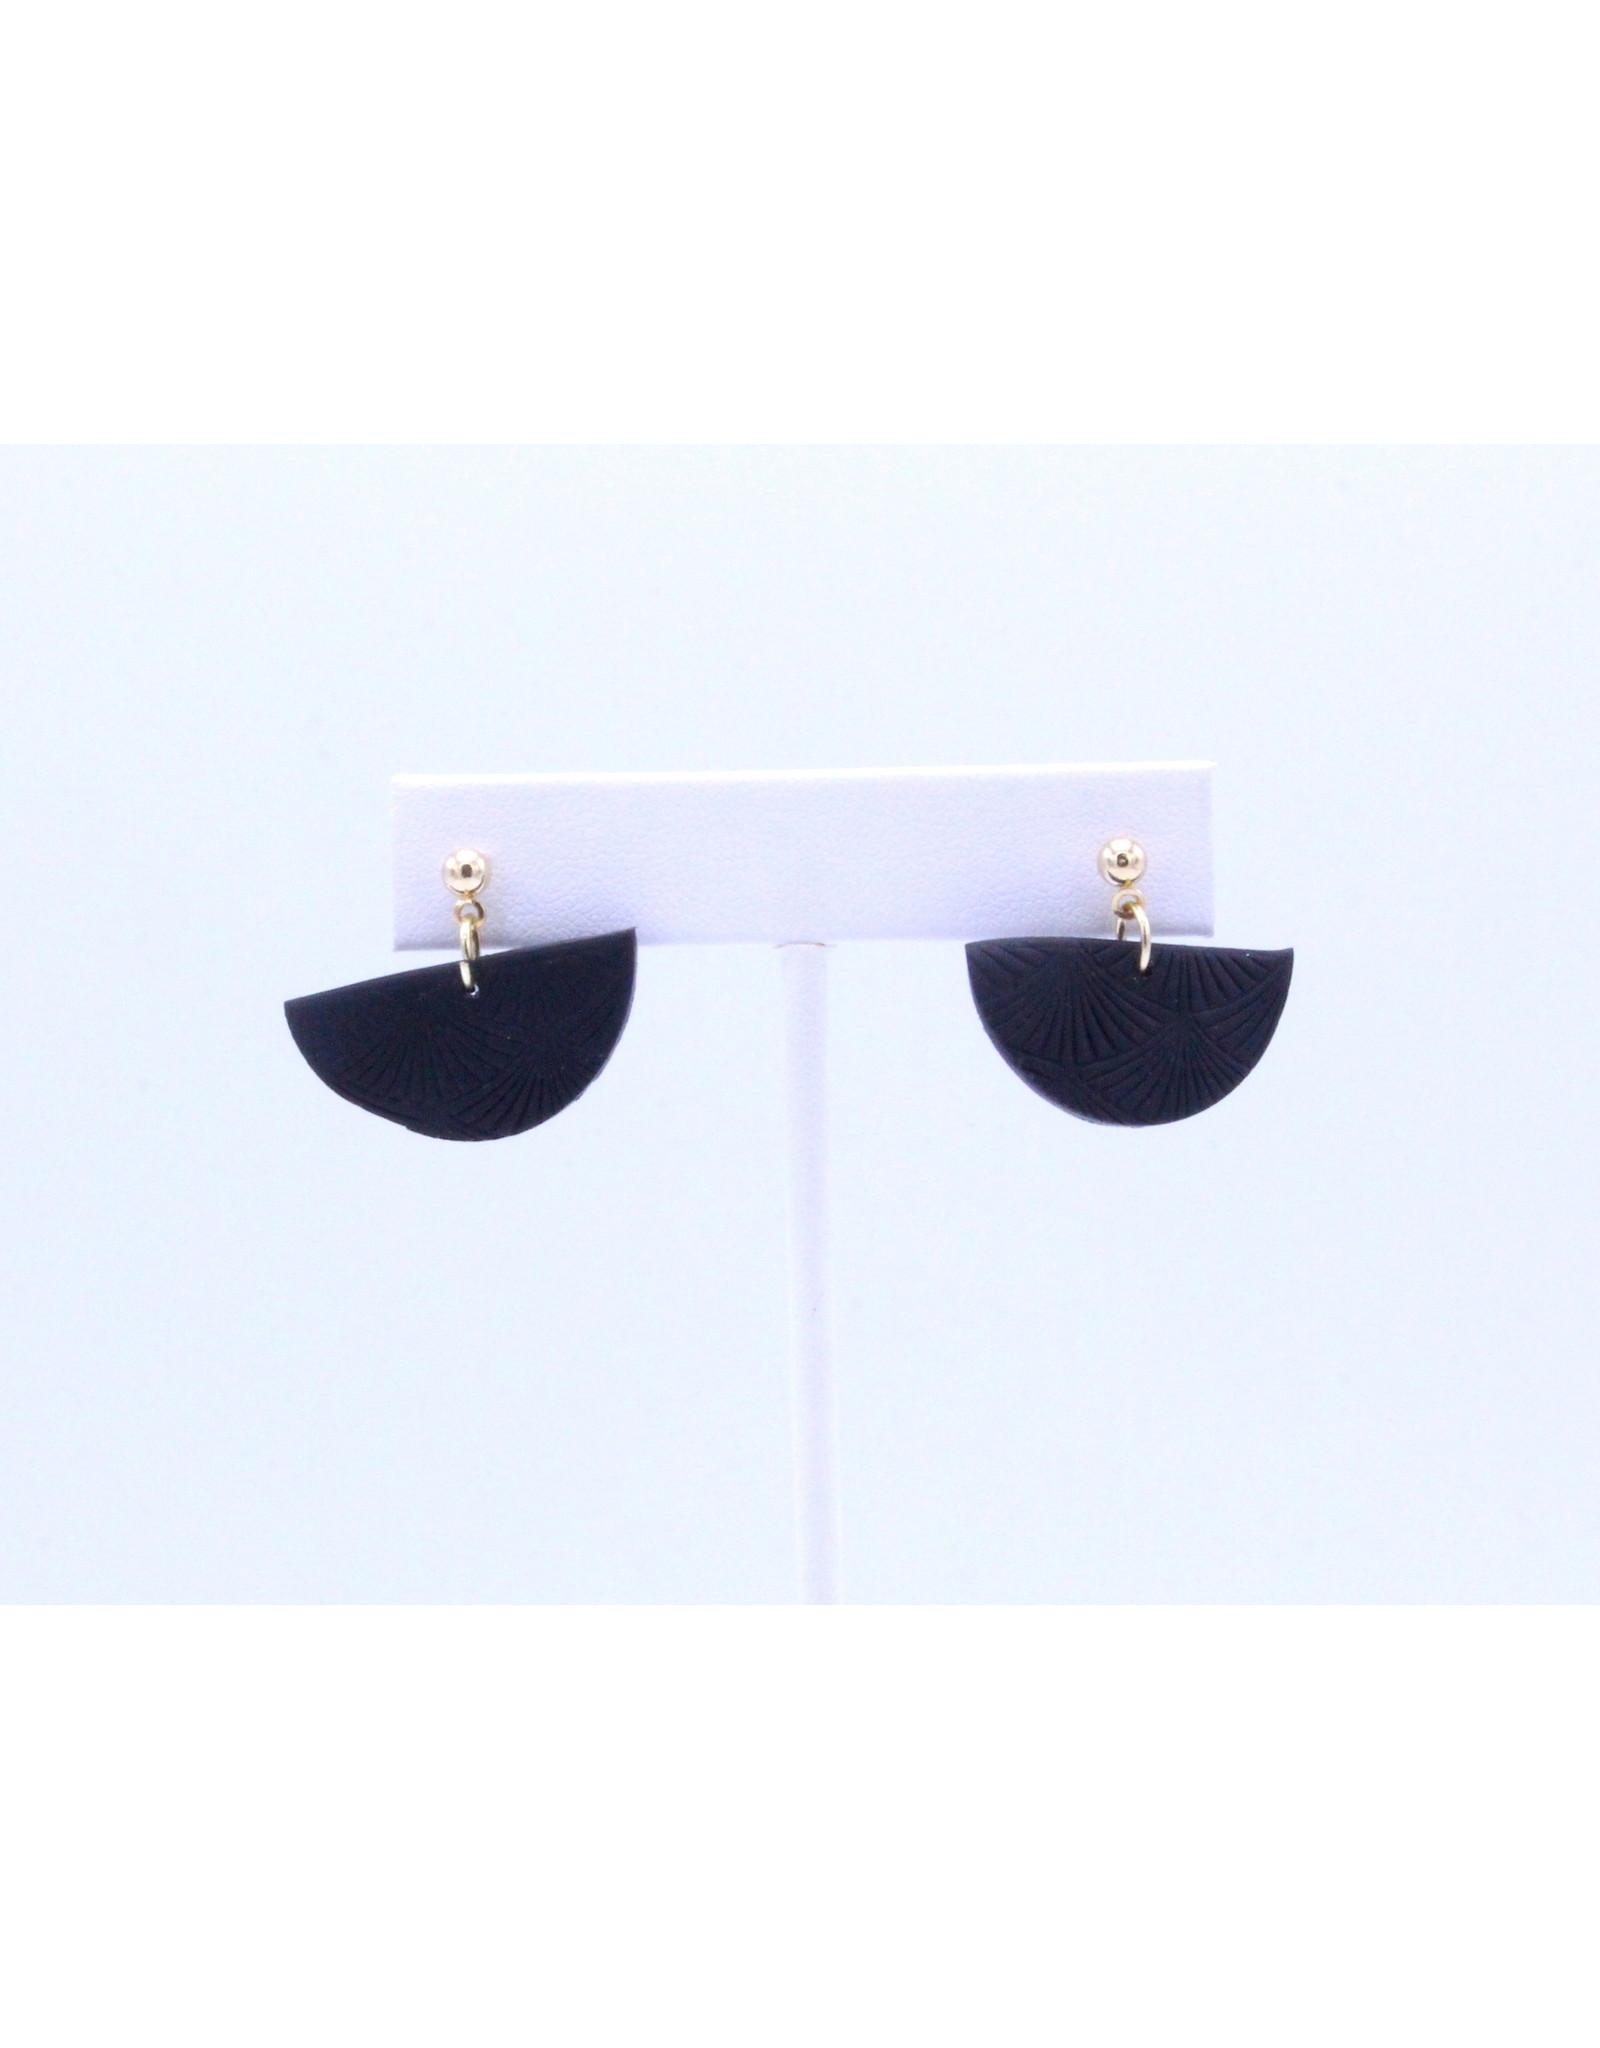 Kleo Earrings - Black